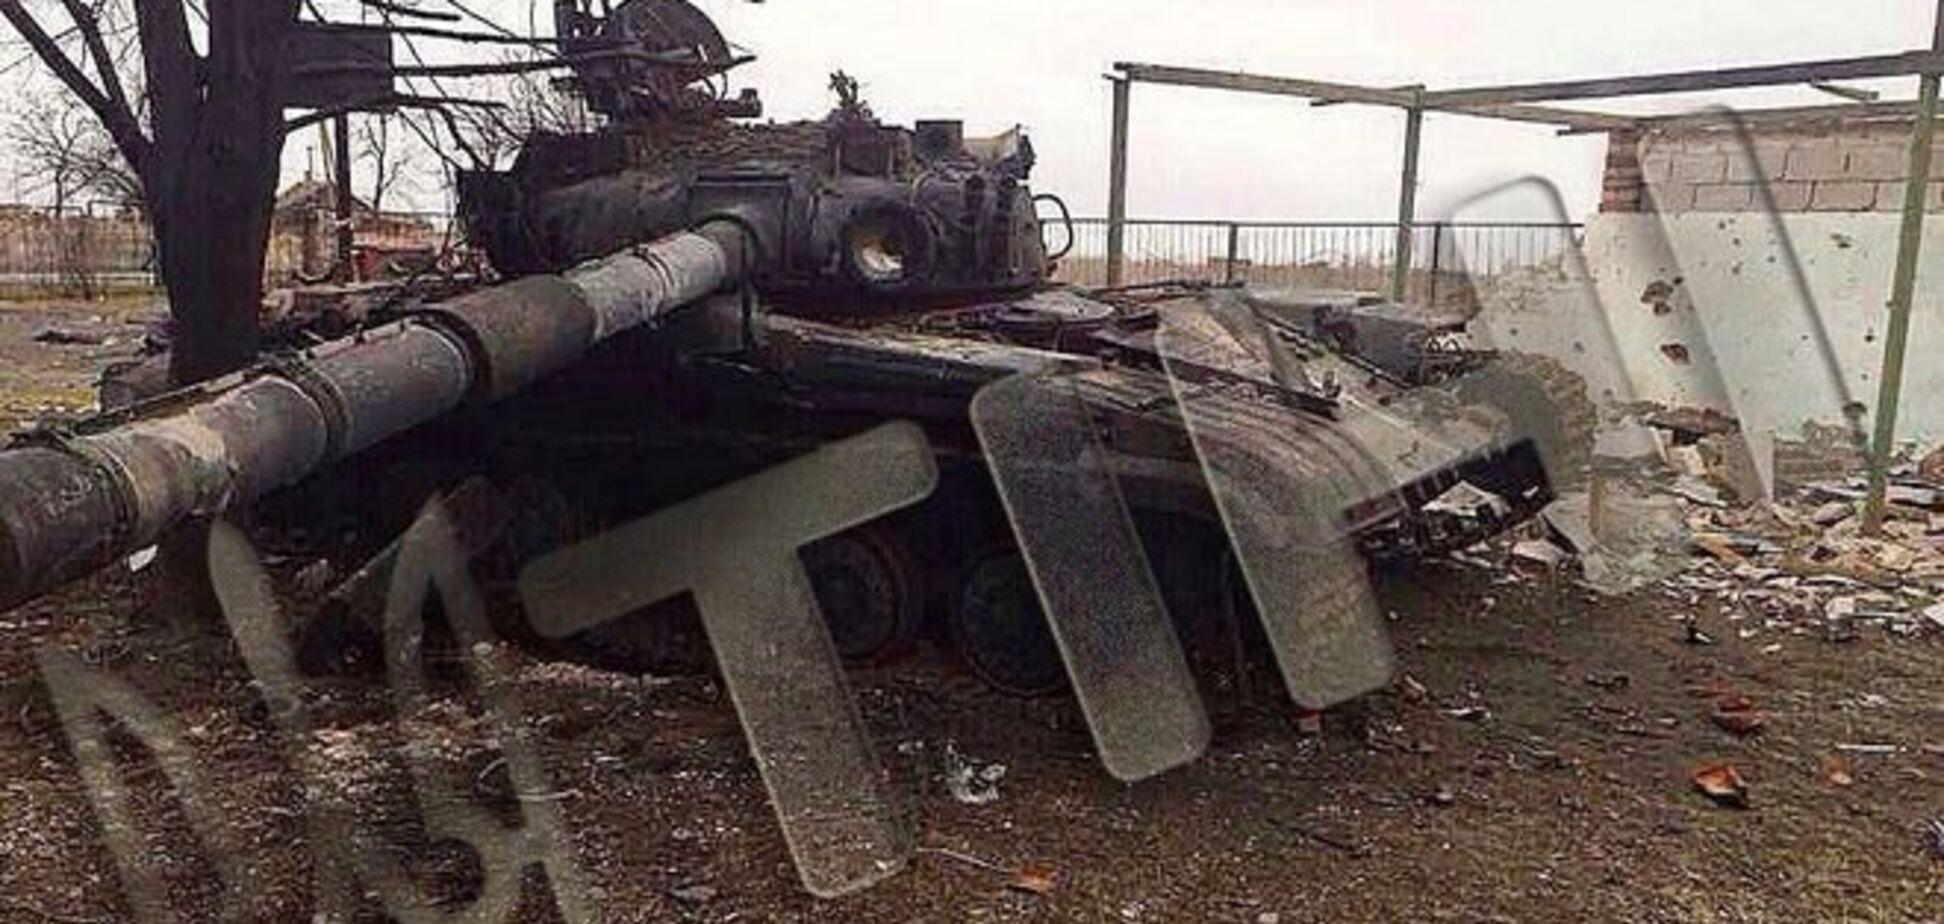 Донецкие партизаны подорвали еще один танк оккупантов: фотофакт